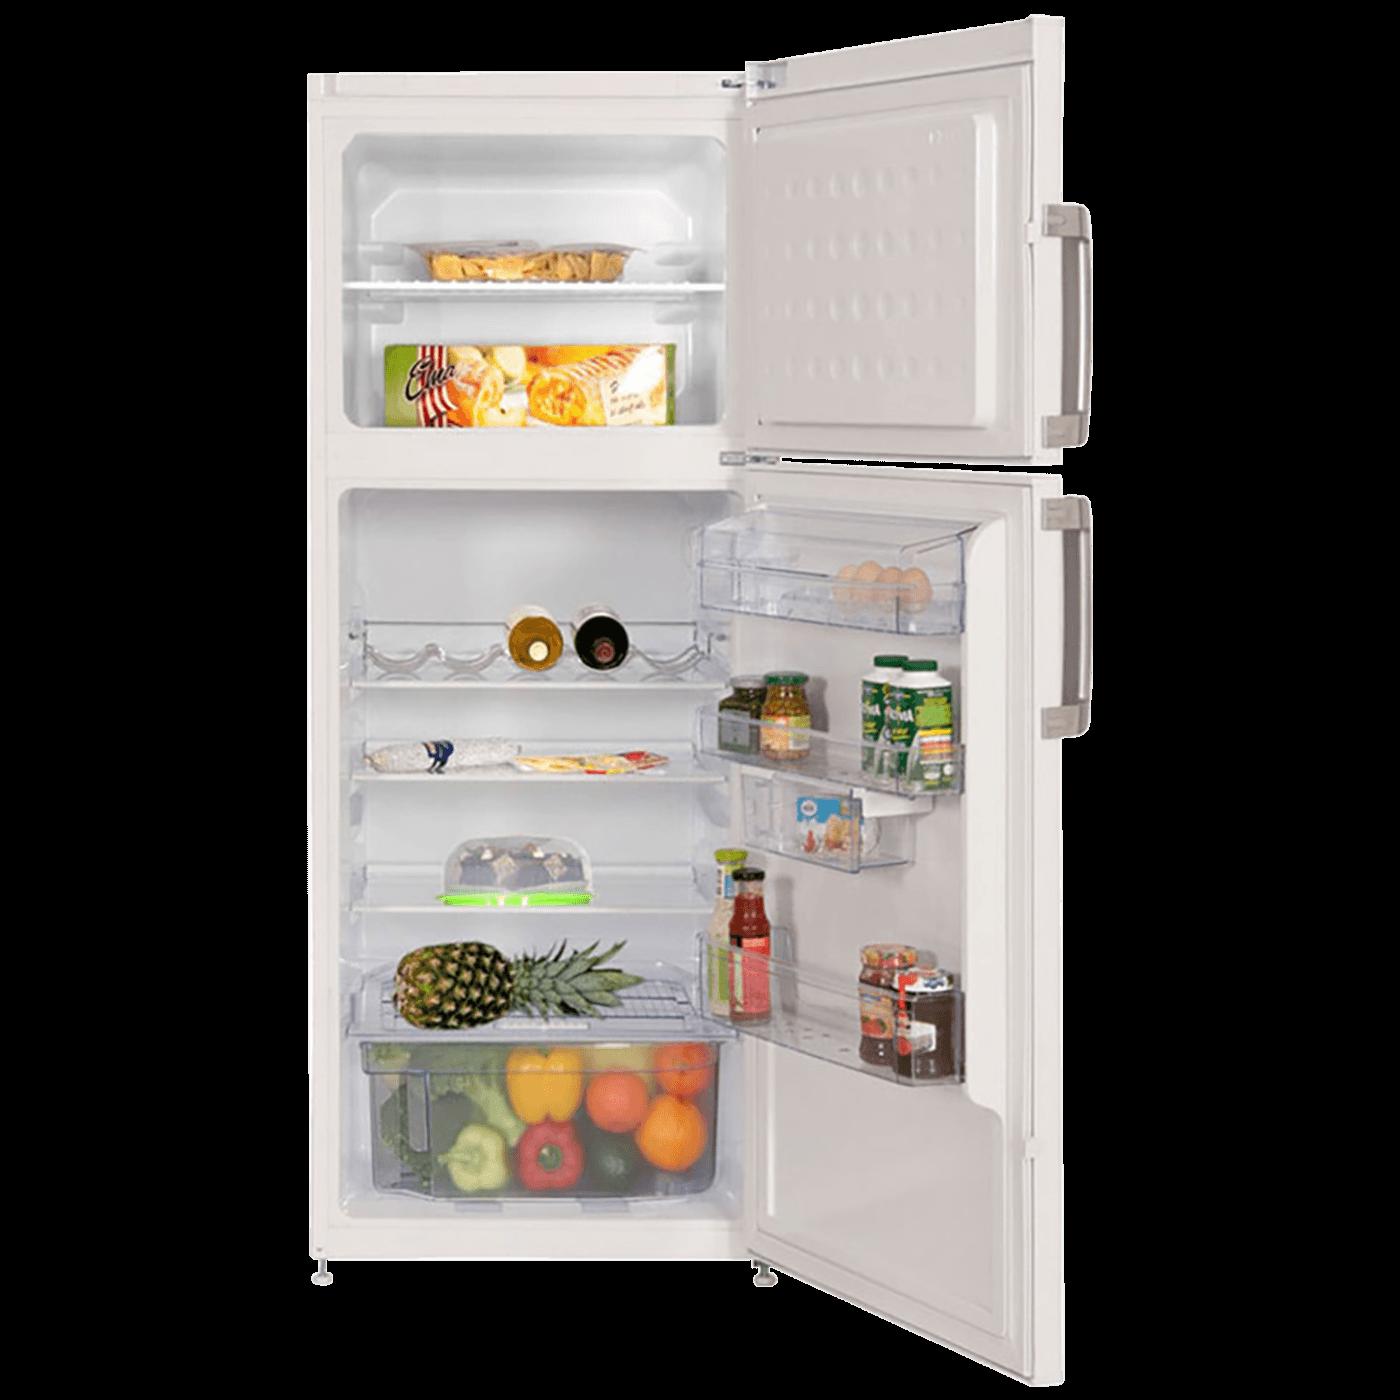 Frižider/zamrzivač, brutto zapremina 275 lit, A+